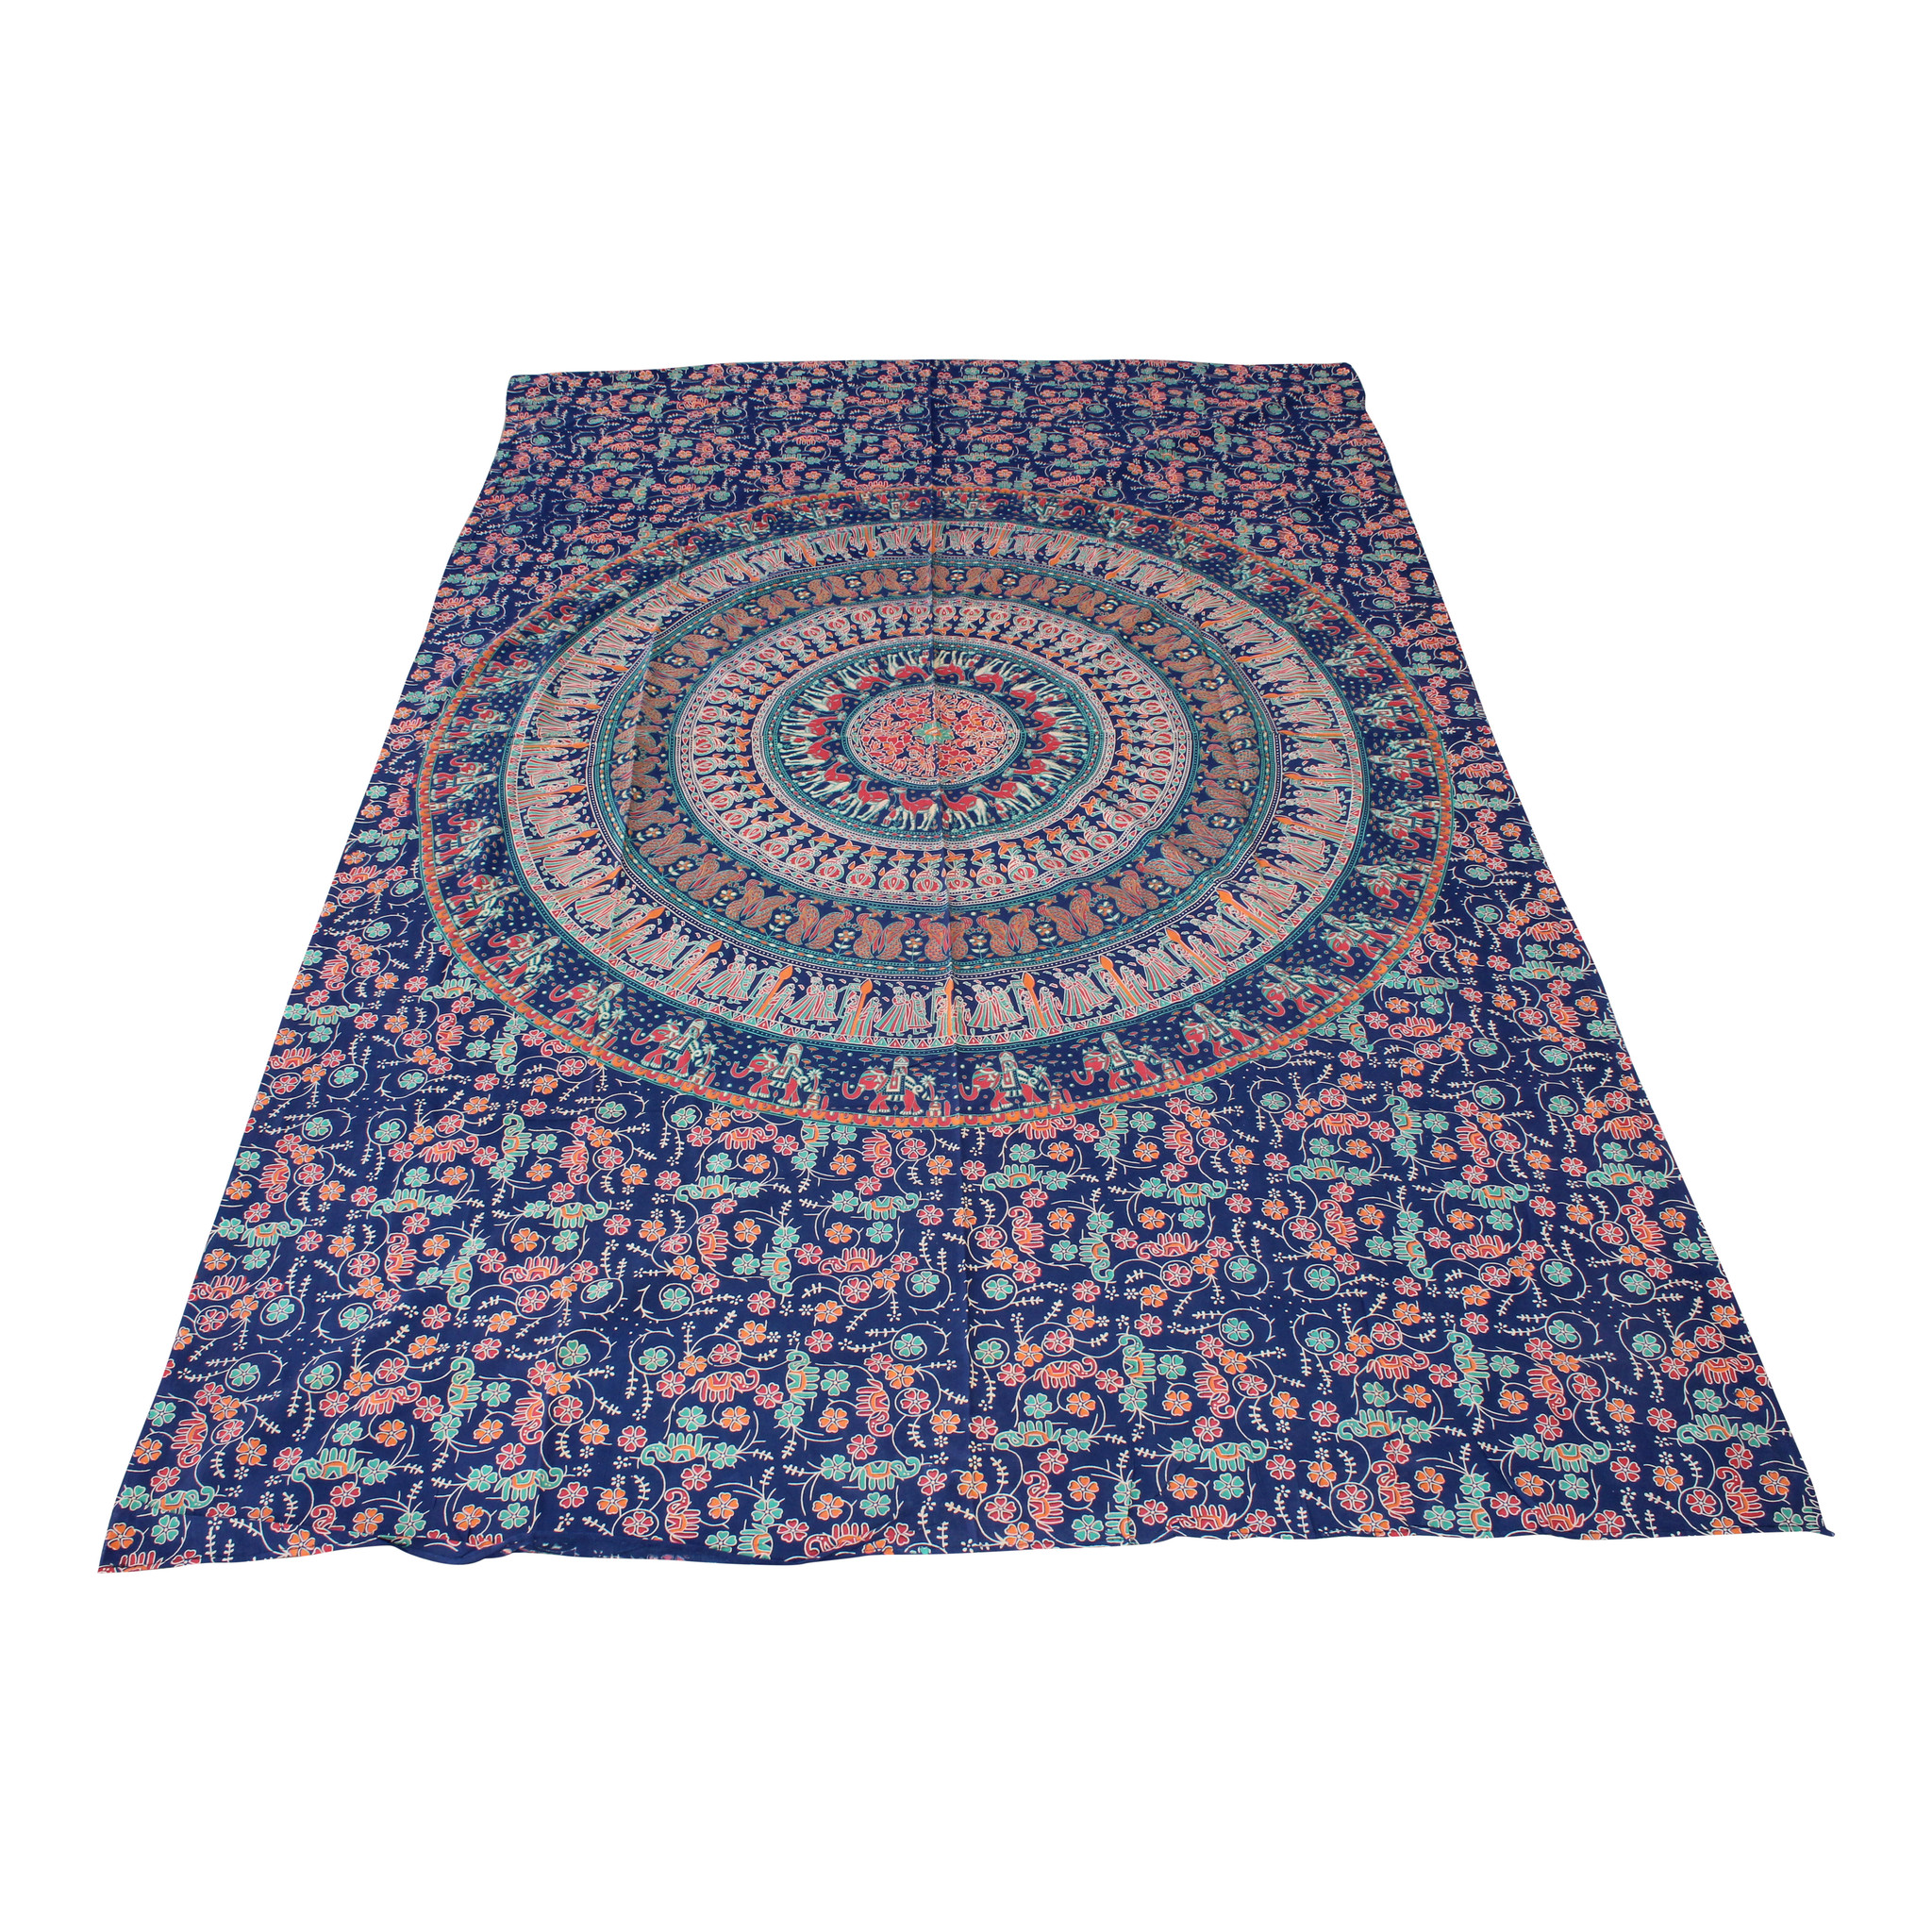 Myroundie Myroundie – roundie  - rechthoekig strandlaken – strandkleed - yoga kleed - picknickkleed - speelkleed - muurkleed - 100% katoen  - 140 x 210 cm - 835